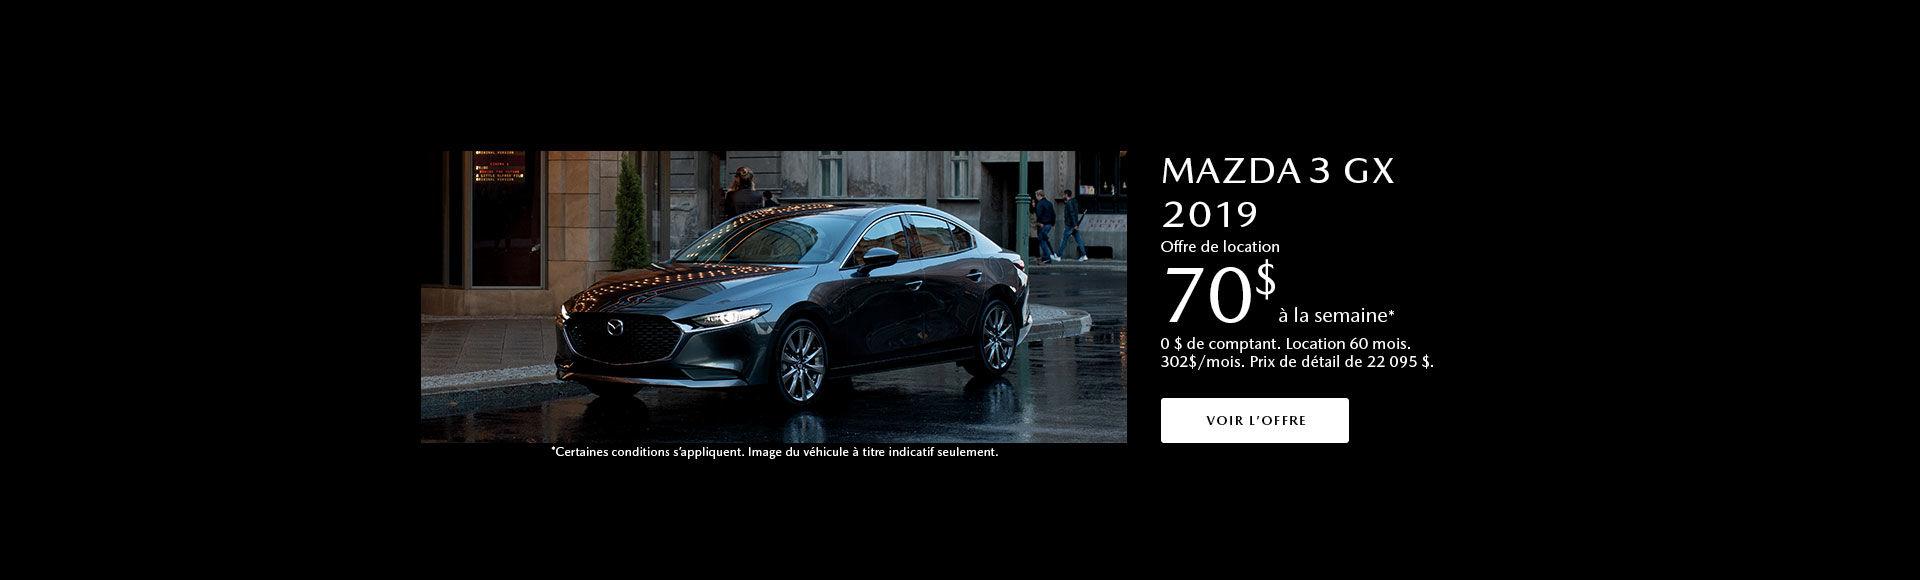 Procurez-vous le Mazda 3 2019!